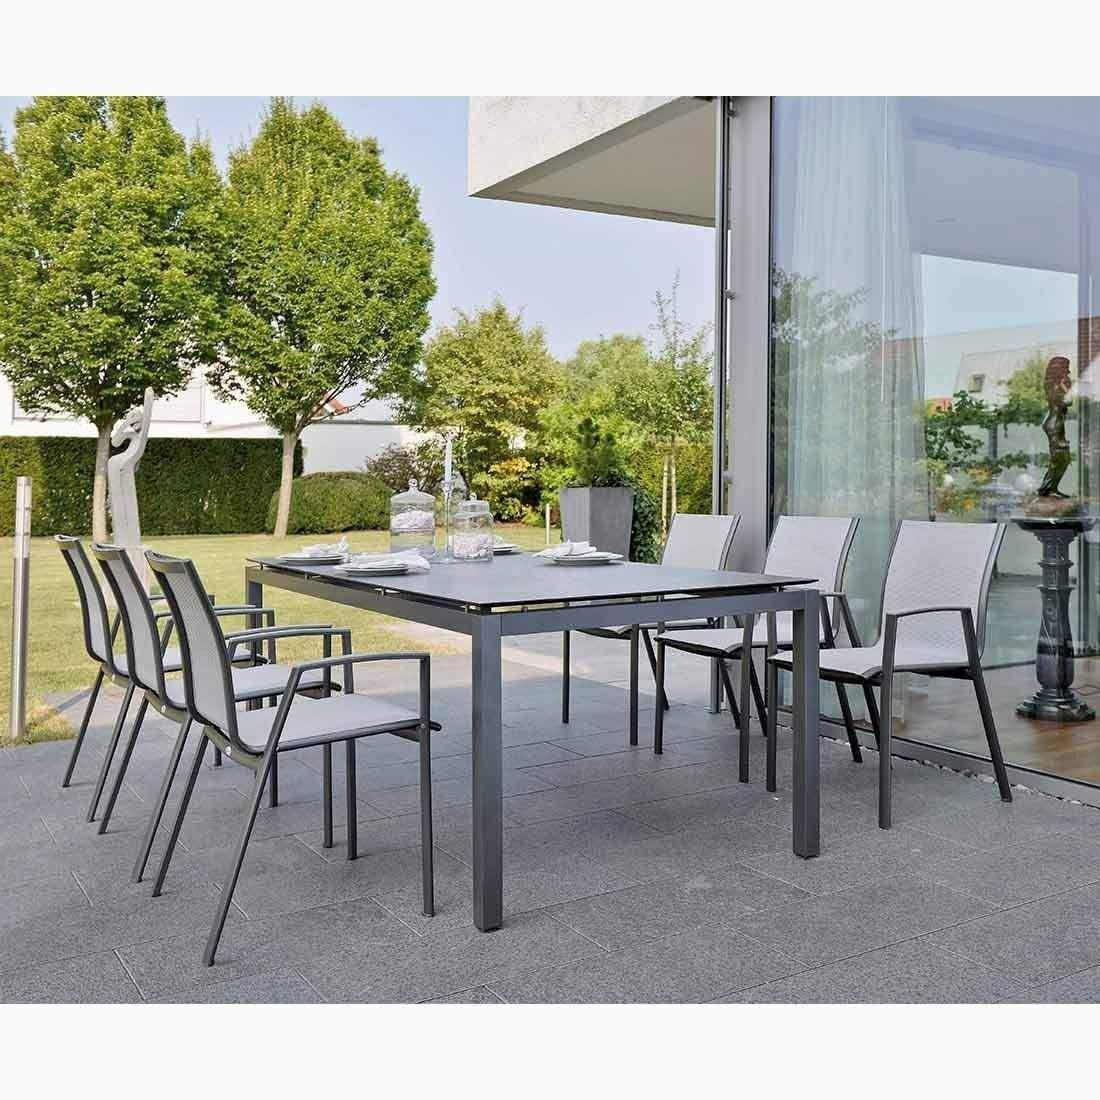 Garten Rattanmöbel Inspirierend 11 Möbel De Stühle Luxus